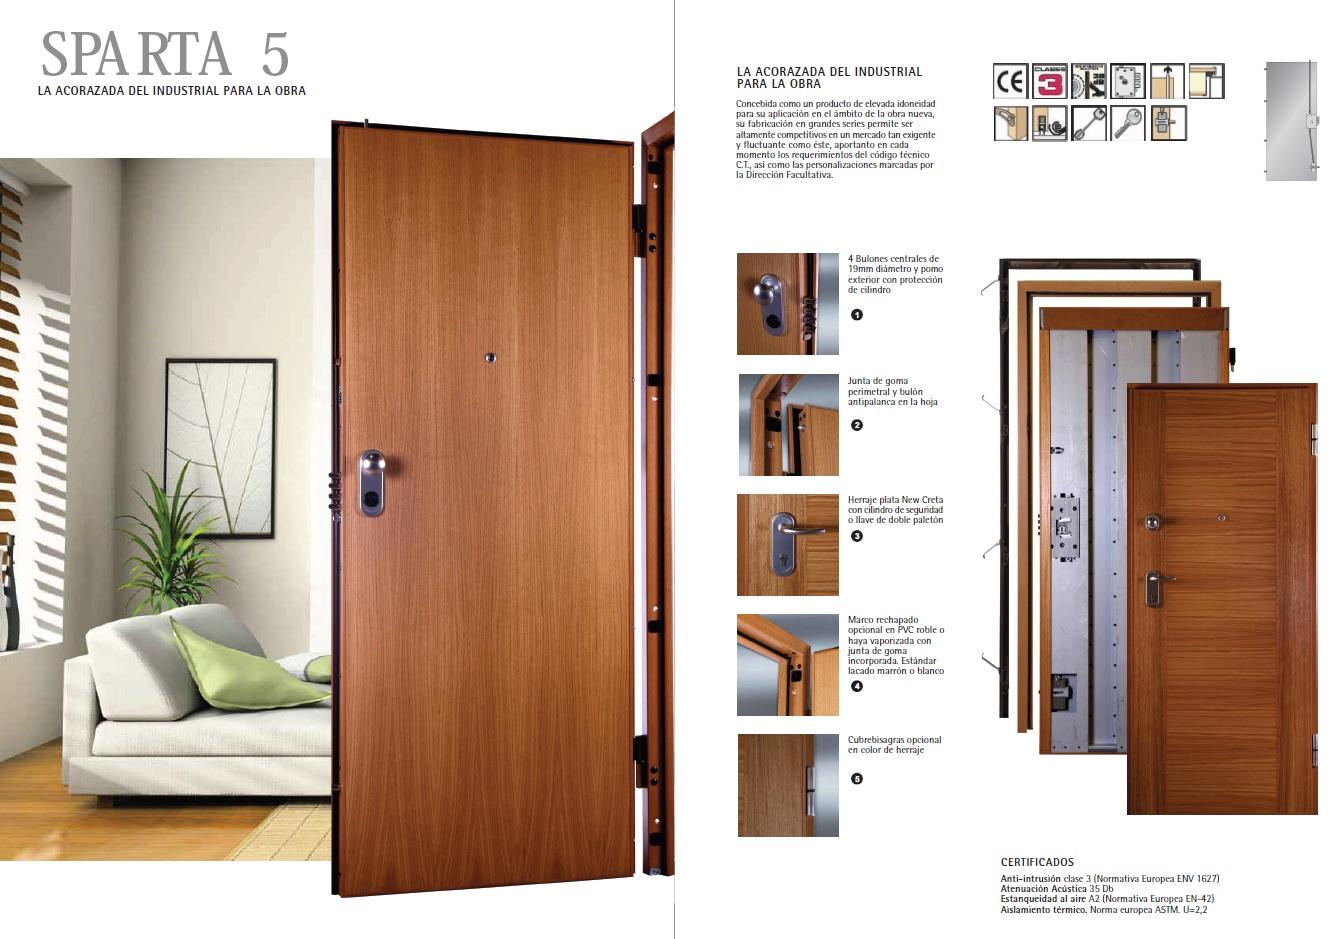 Comprar online puertas acorazadas en cartagena clickbuy for Puertas para vivienda